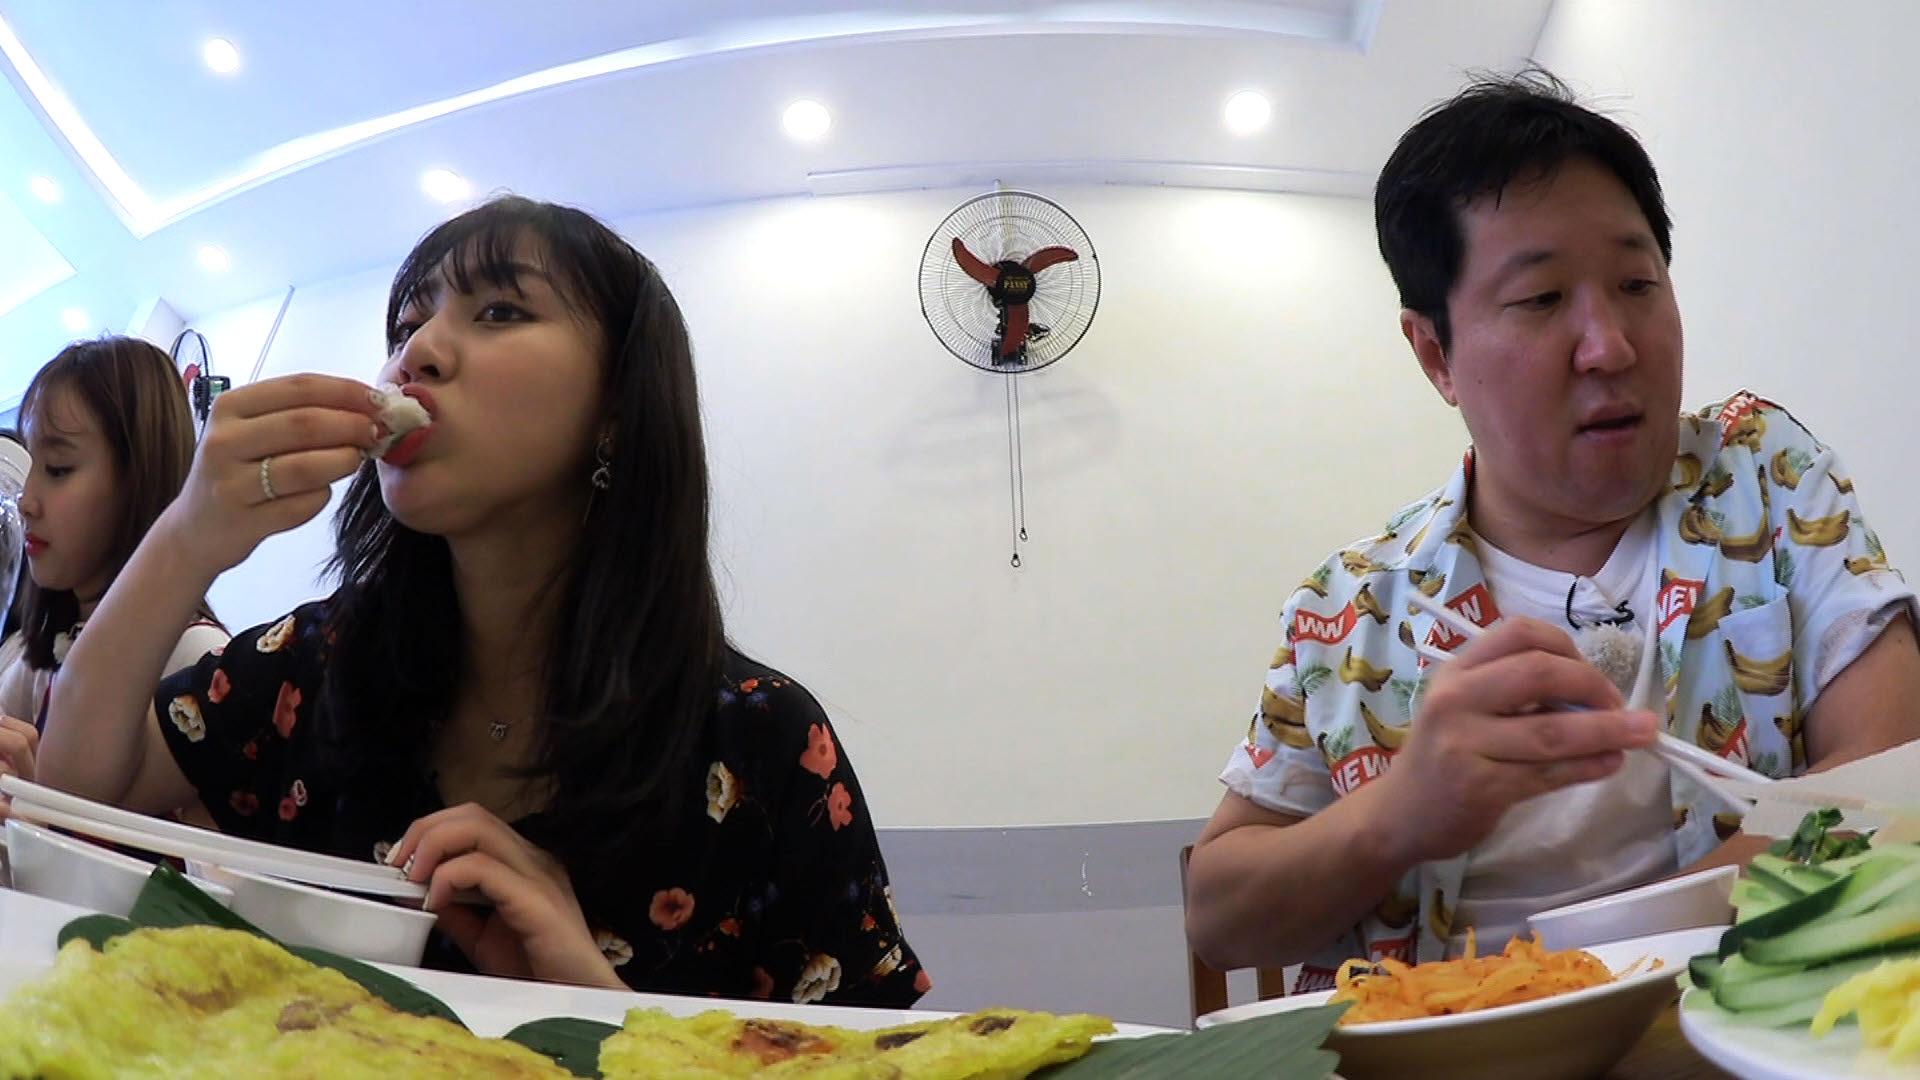 <뭉쳐야 뜬다> 트와이스, '먹방요정' 등극? 첫 패키지여행기 공개